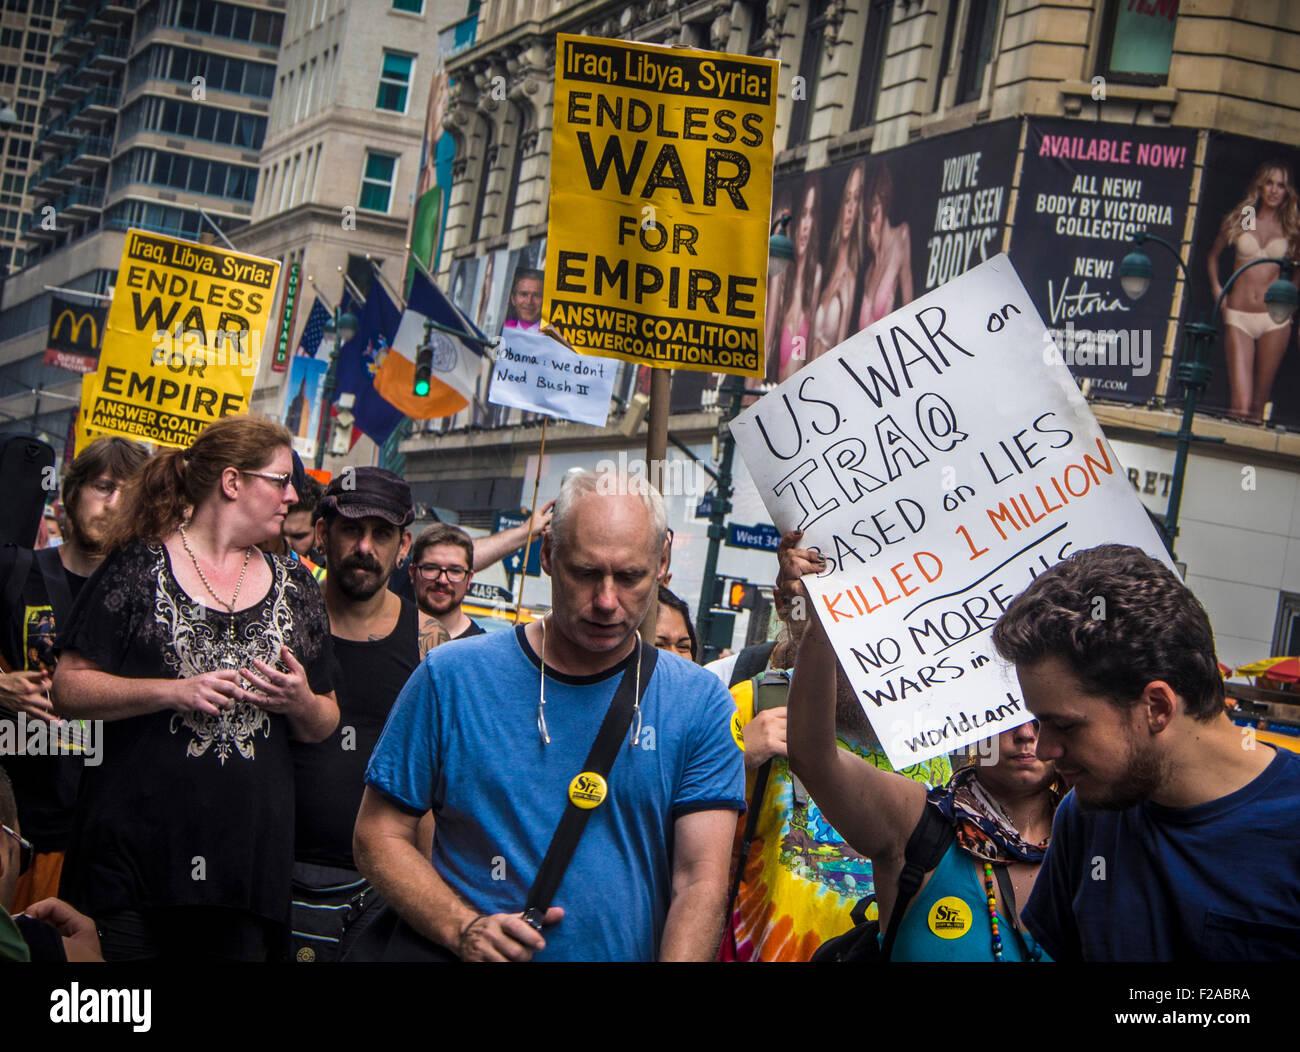 31. August 2013: Demonstranten gegen die USA in einen Krieg mit Syrien auf der 6th Avenue, Manhattan, New York, Stockbild